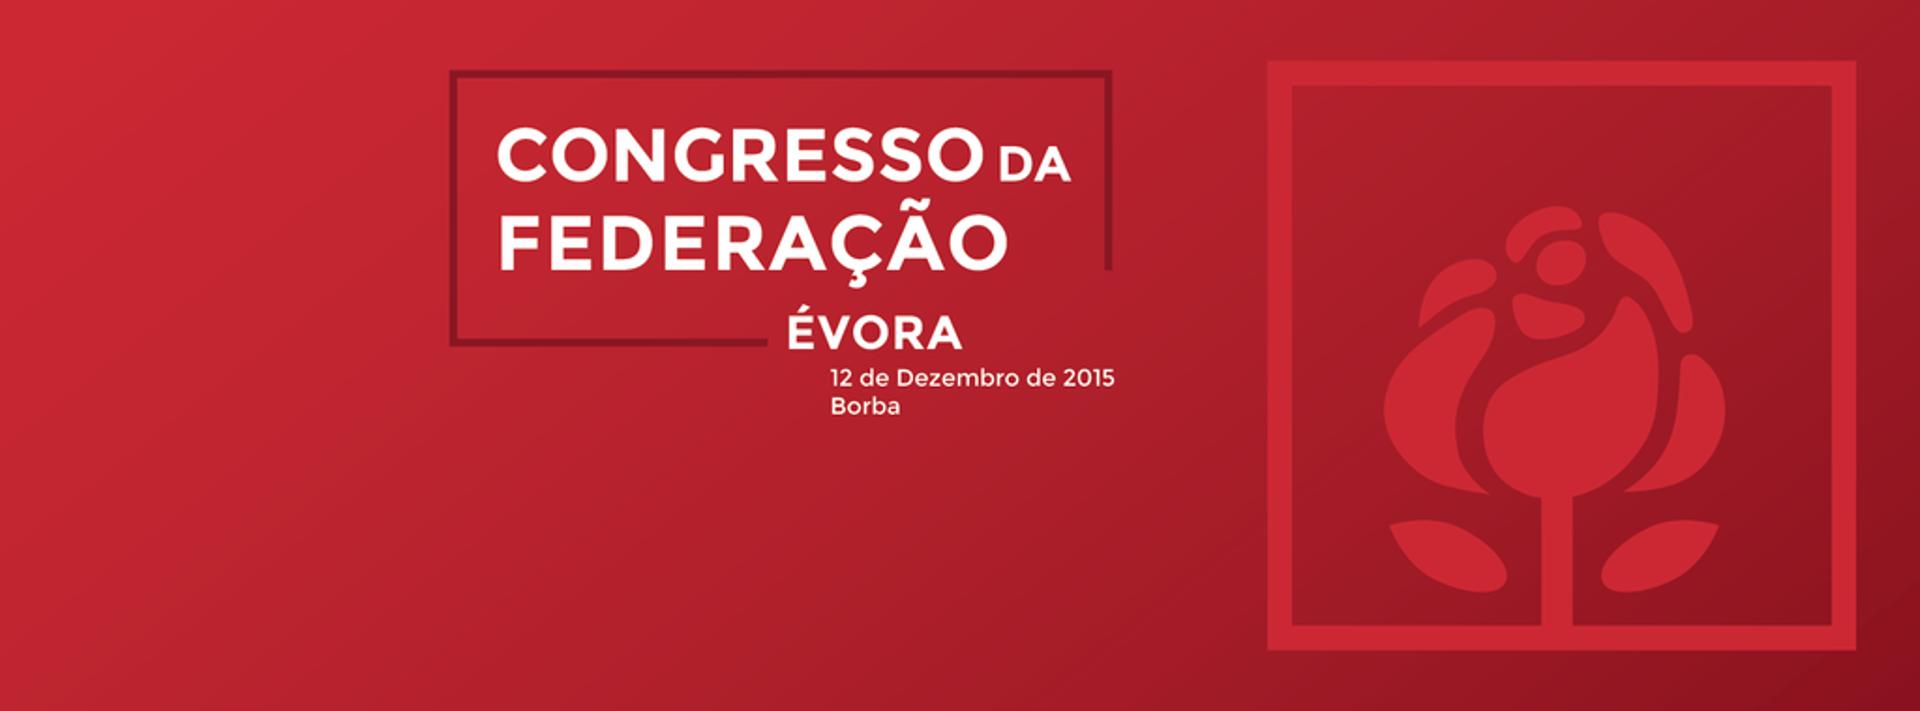 Capa - XI Congresso da JS Évora (1920x711)